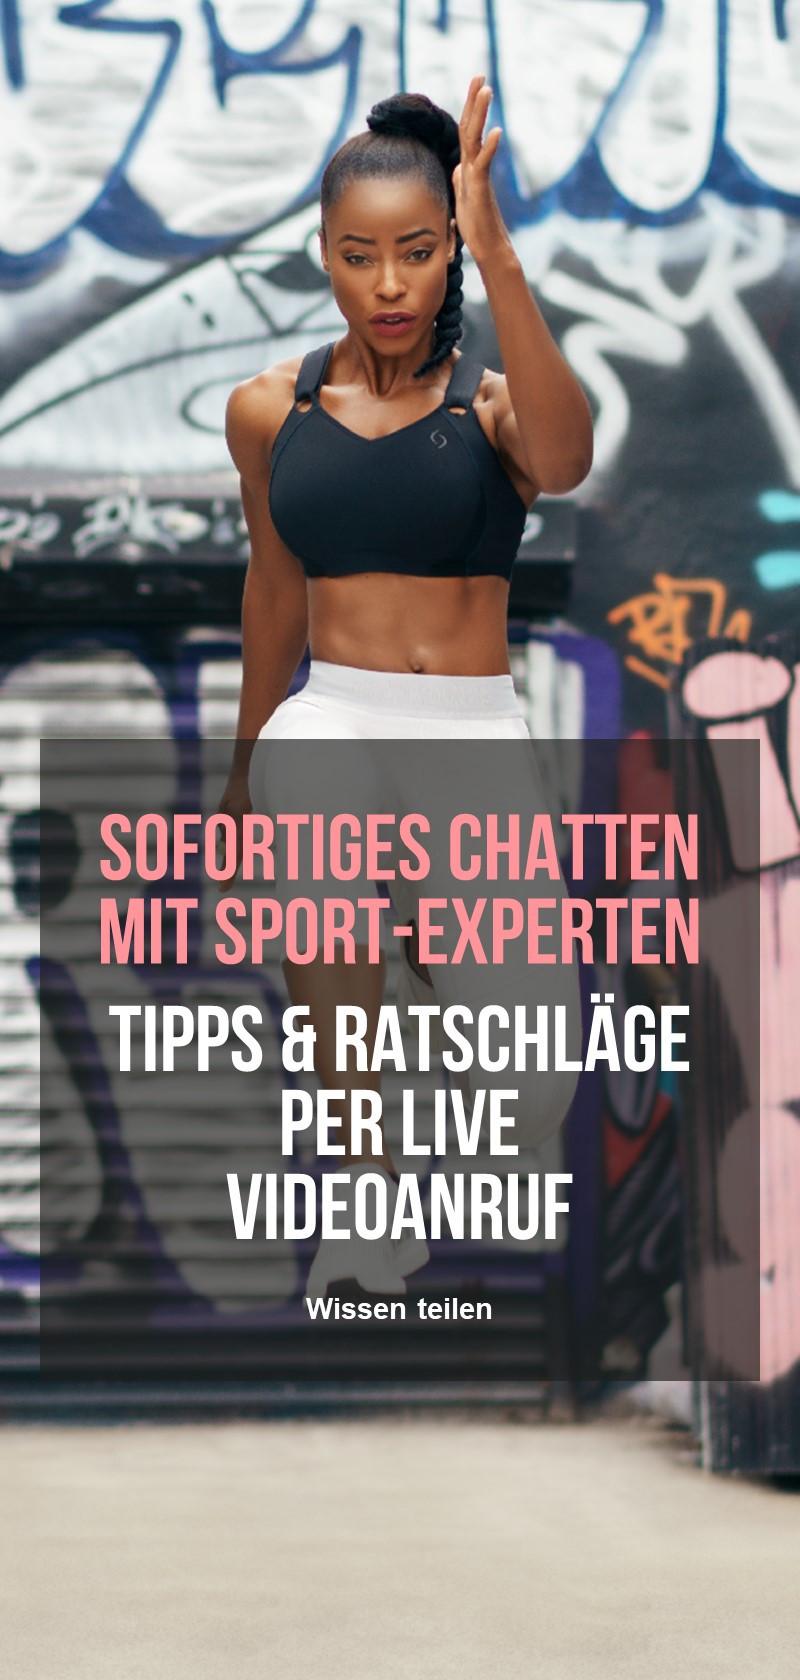 Personal Sport Trainer für Online-Fitness und Training